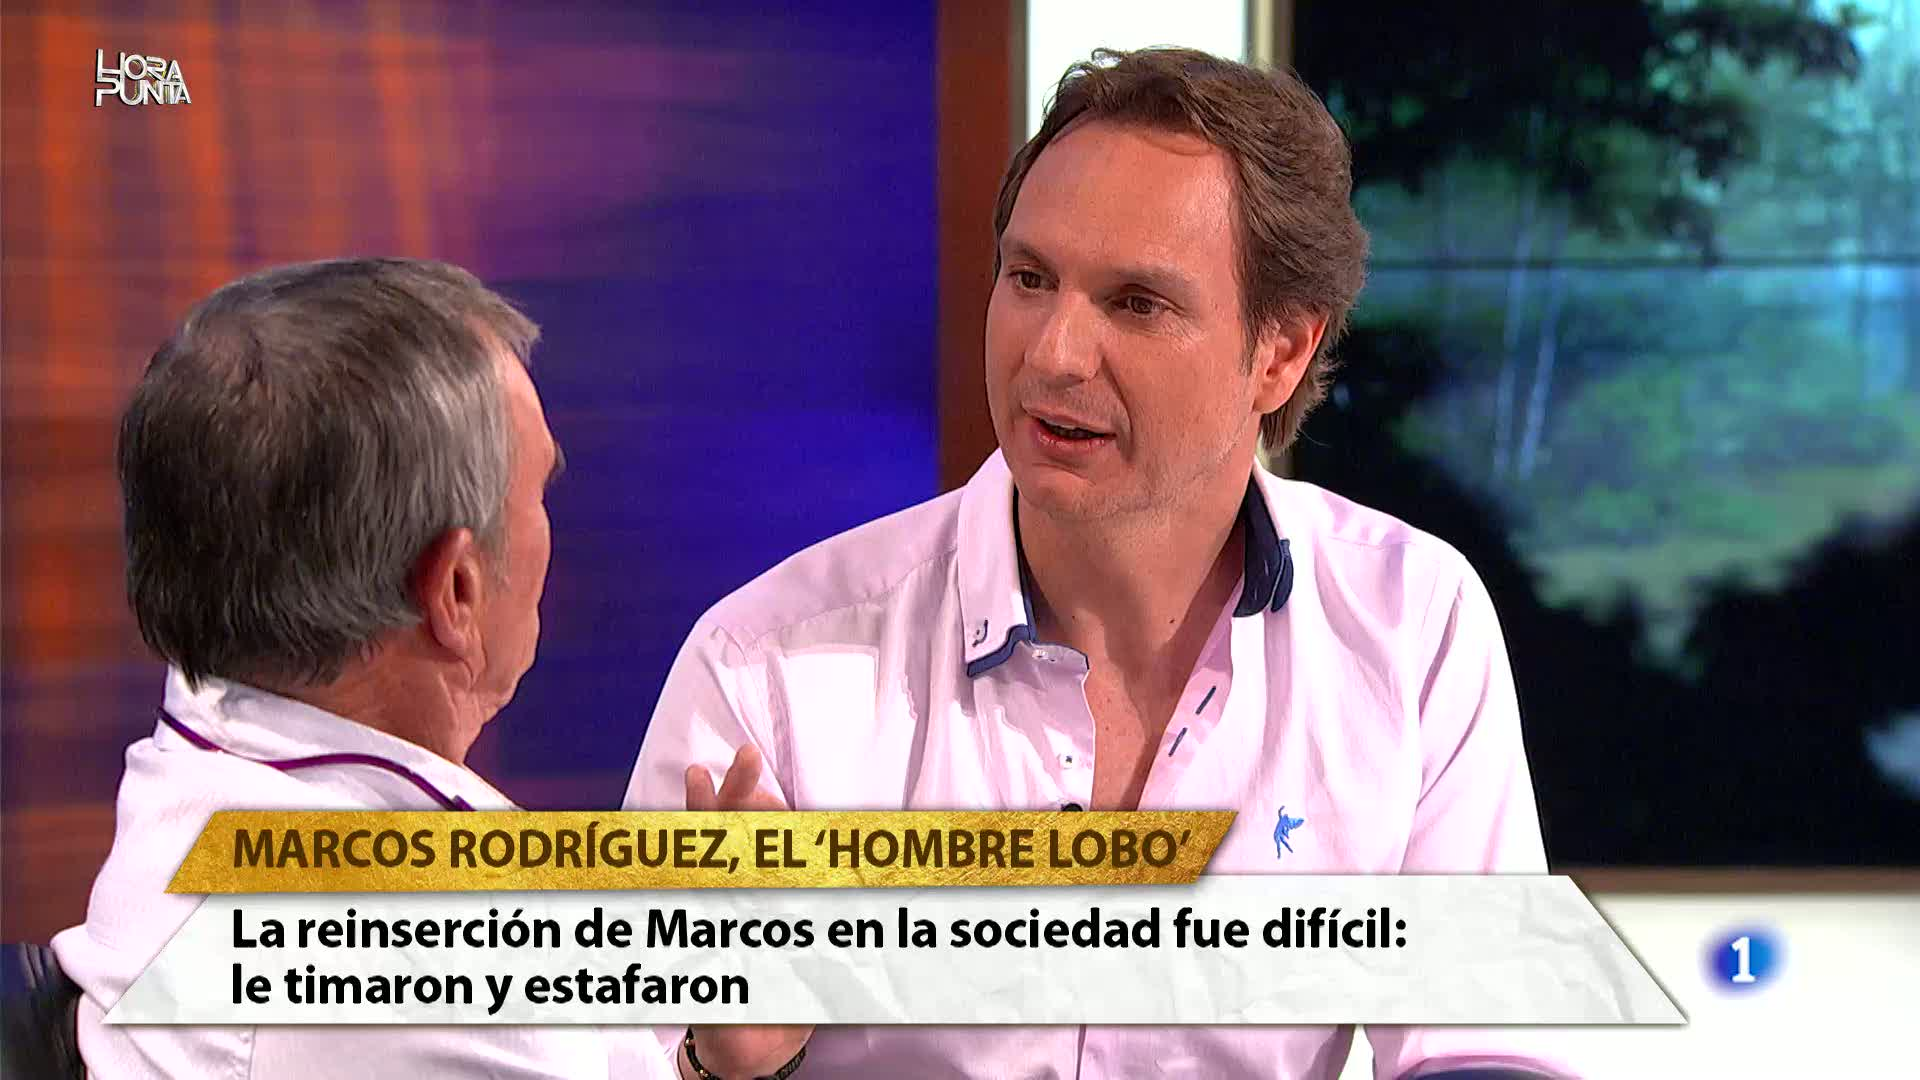 Hora Punta - Marcos Rodríguez, el `Hombre Lobo¿, asegura que vivir entre lobos ha sido la mejor época de su vida. Se considera un lobo más de la manada